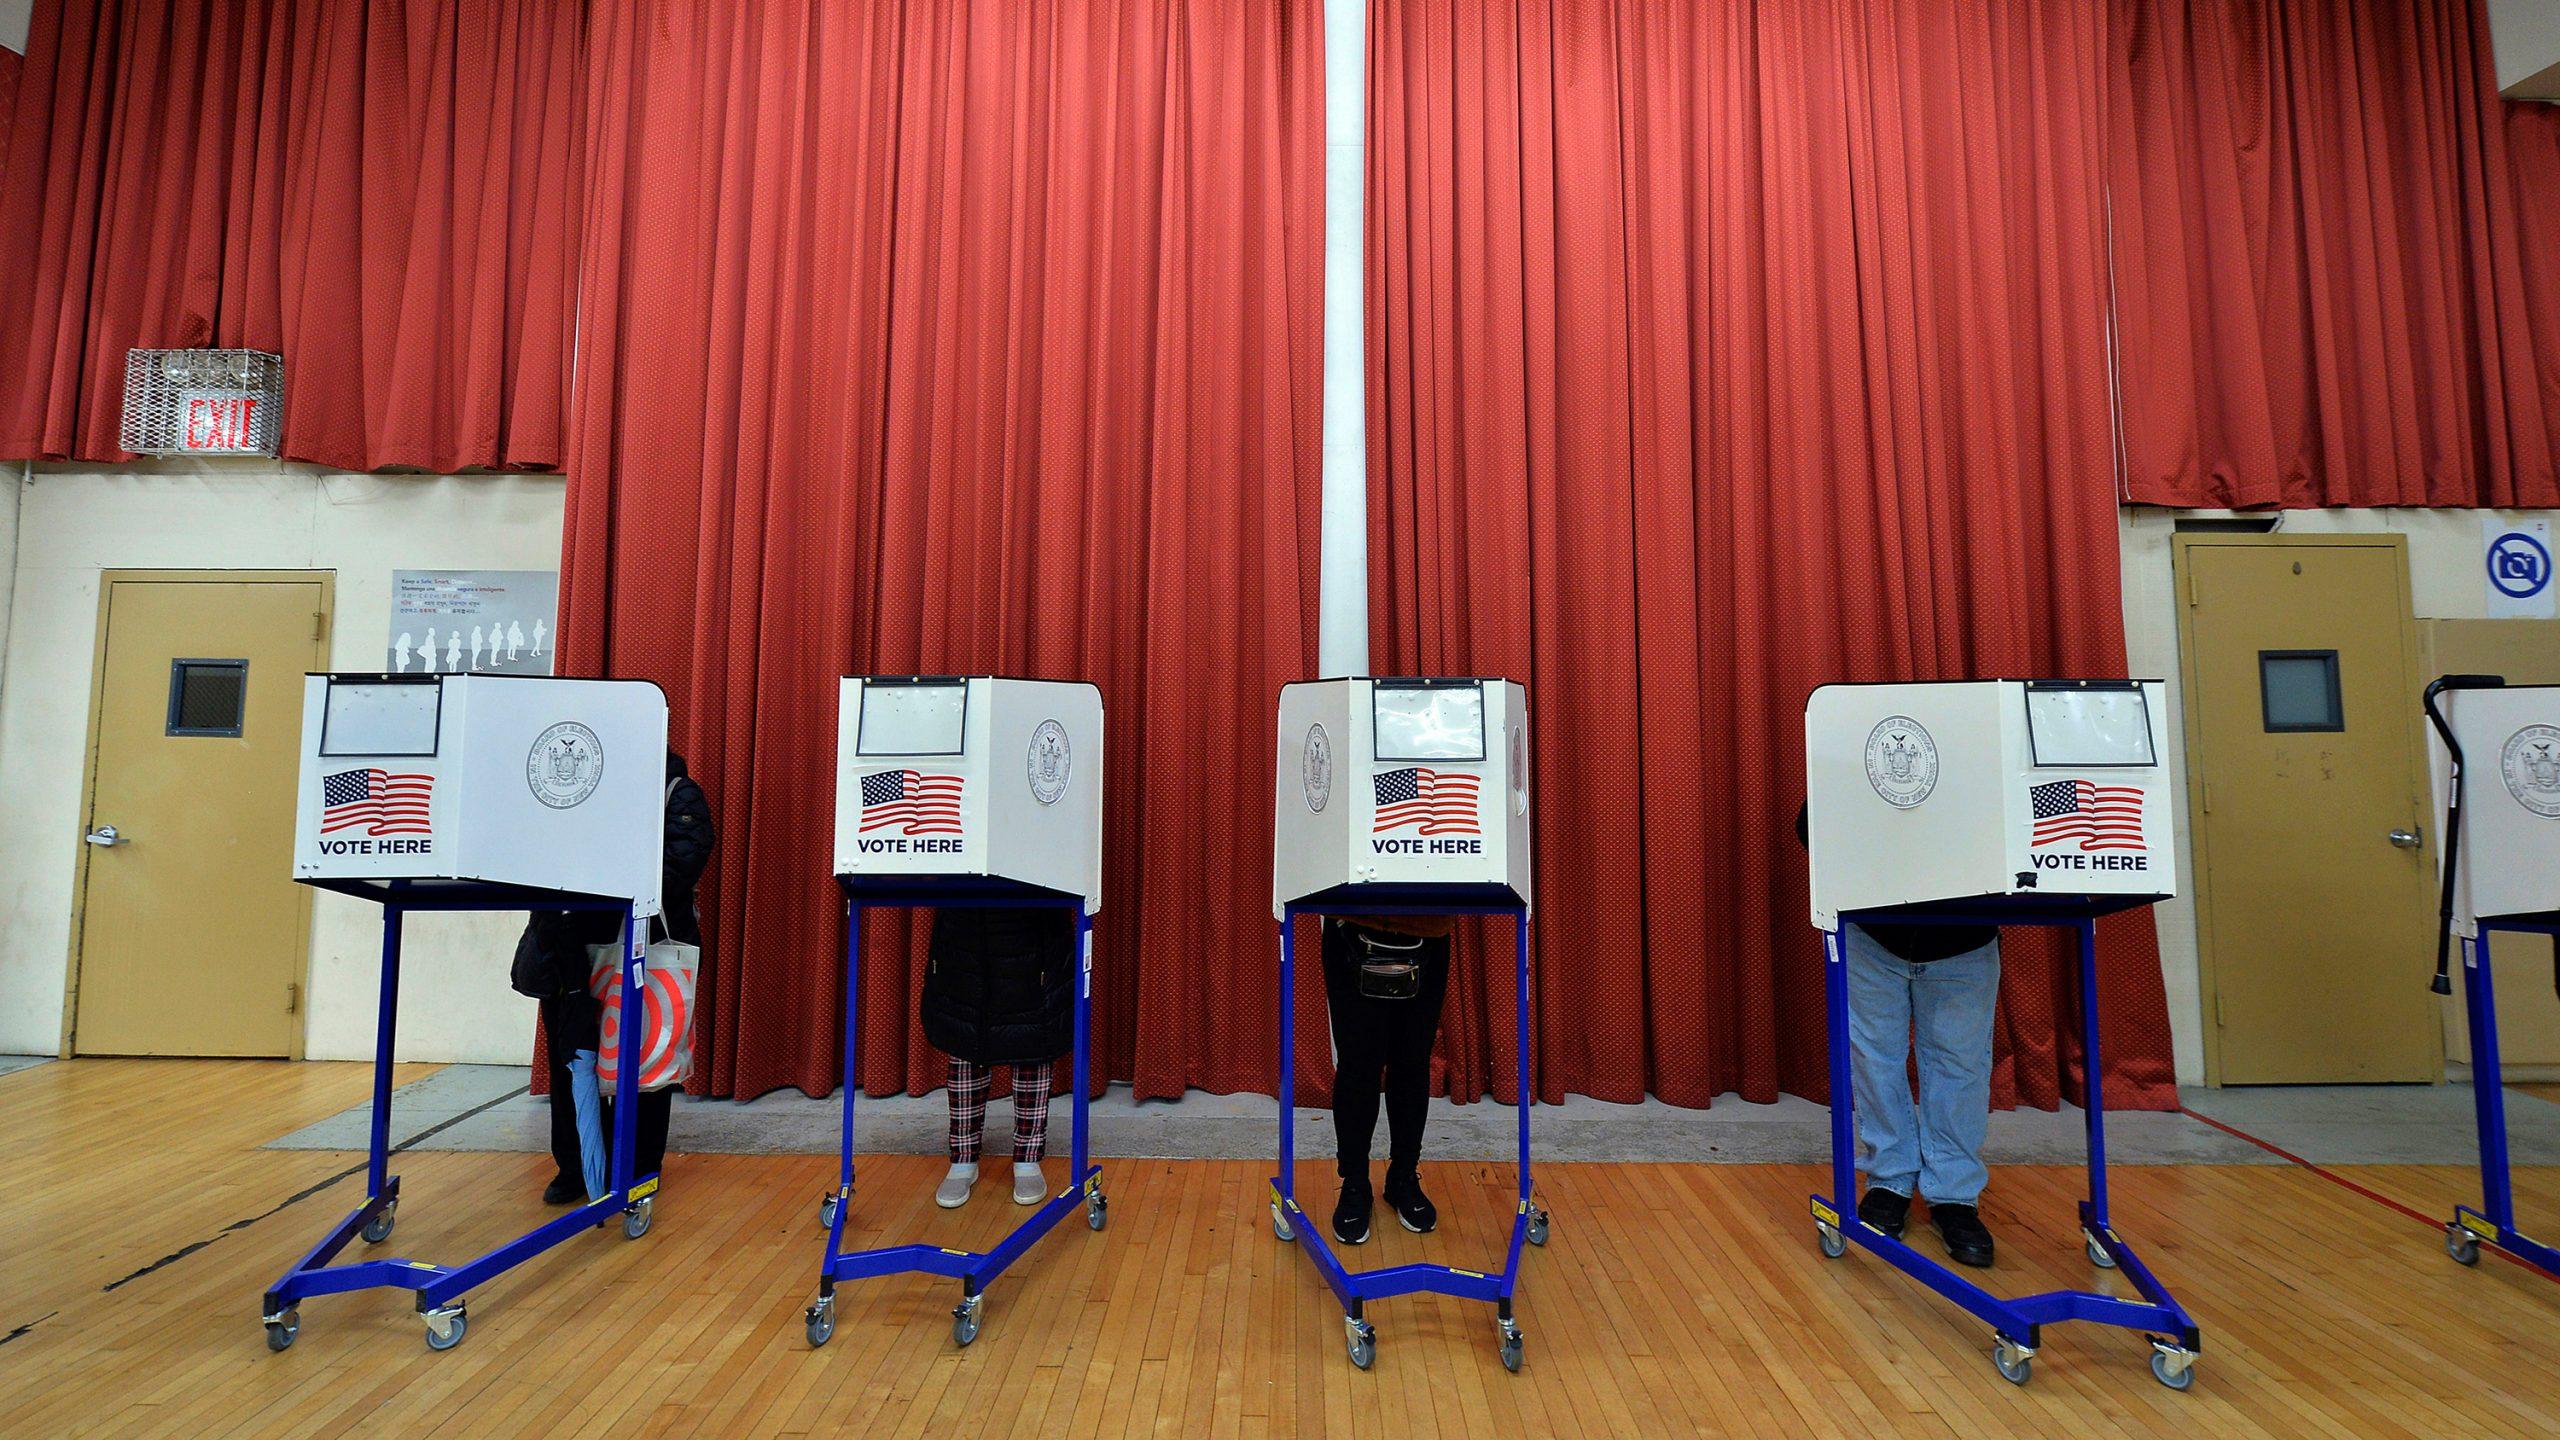 主張:開票トラブルをすべて「不正」扱いするべきではない